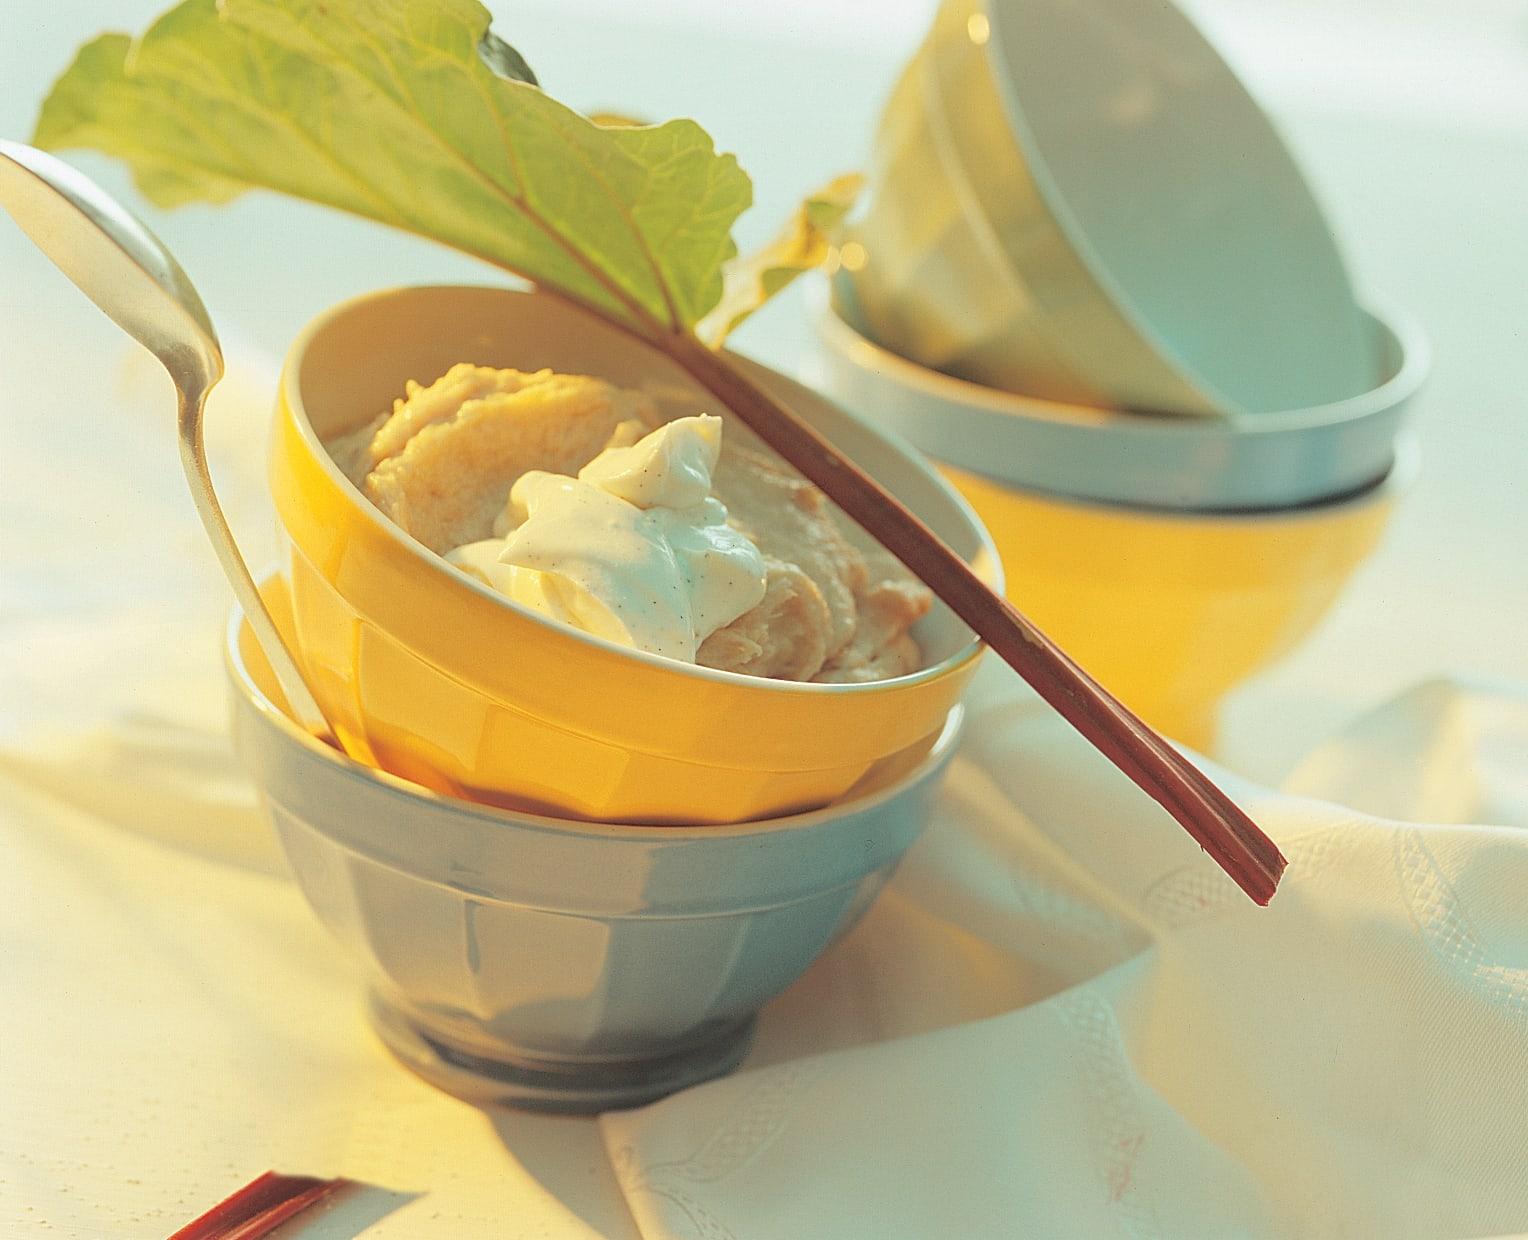 Rhubarbe au gruau et au séré vanillé